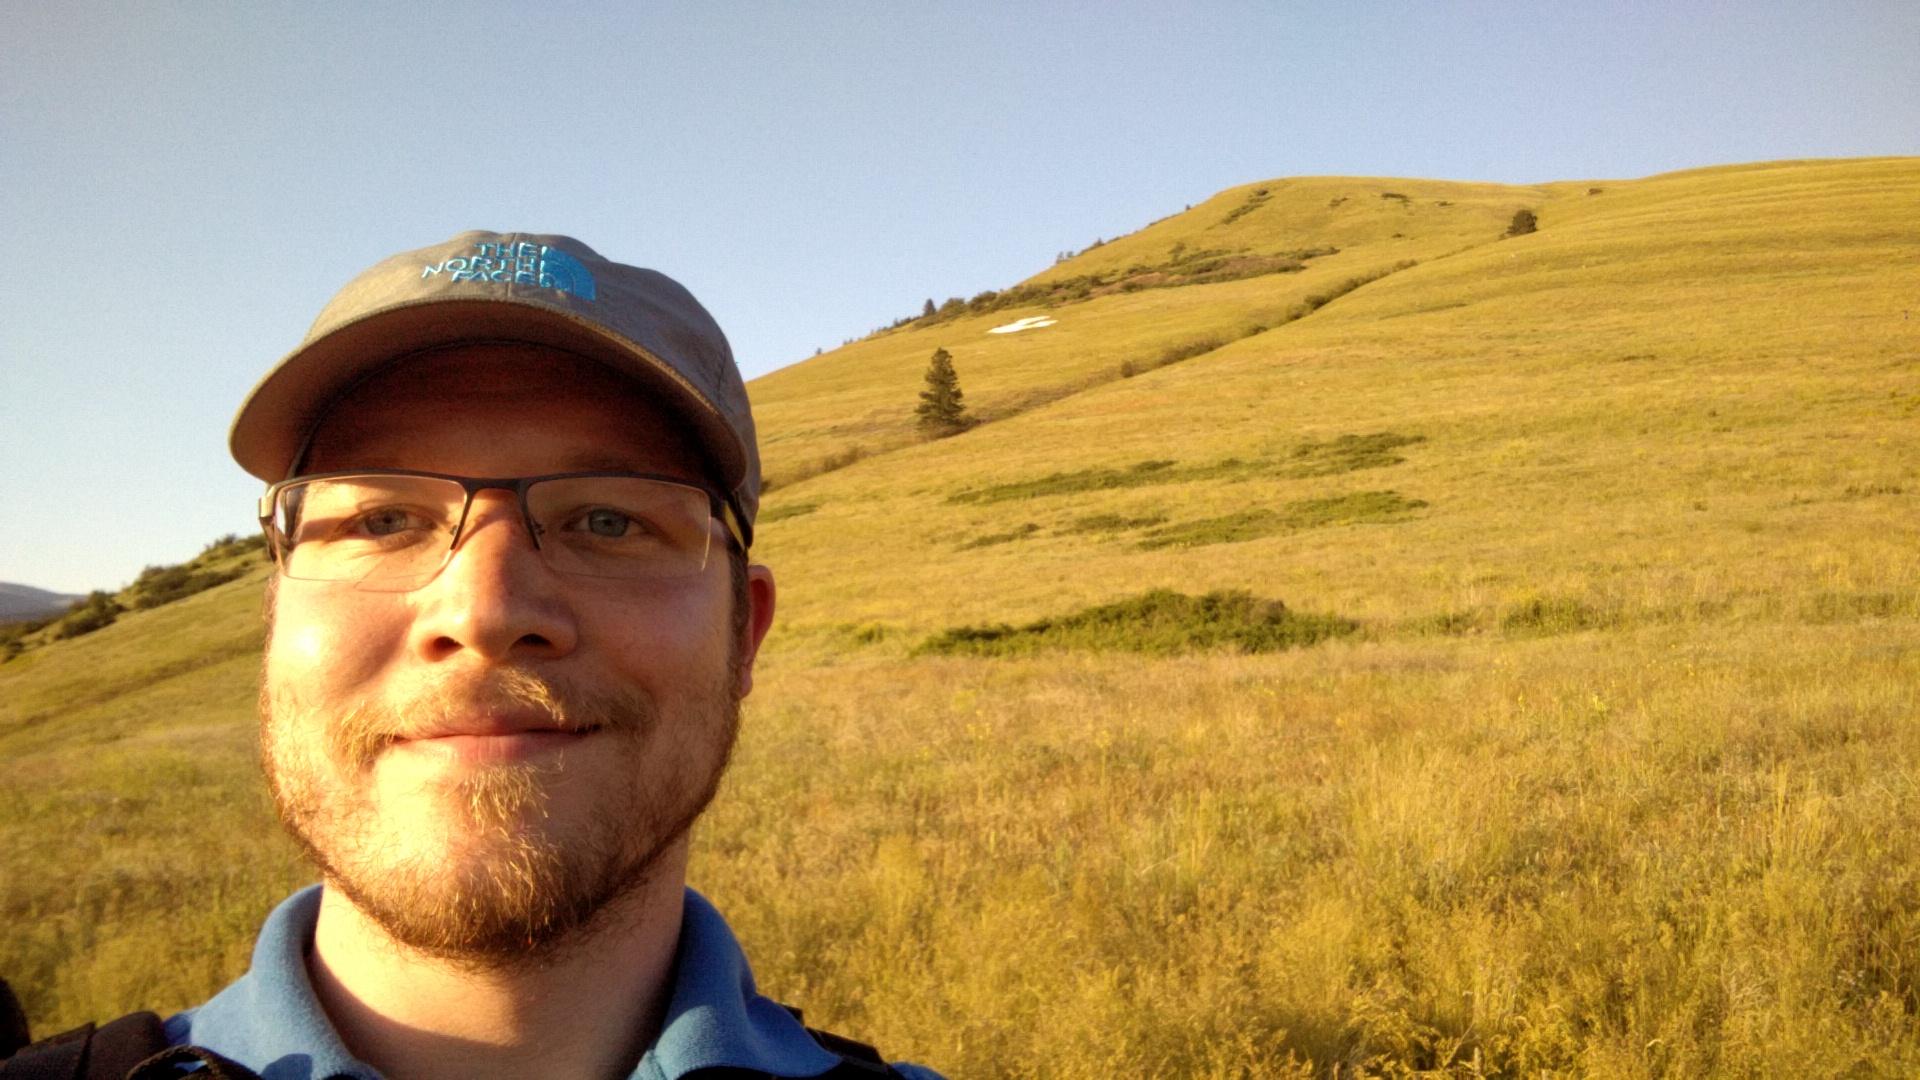 Mount Jumbo, and my new hat :)